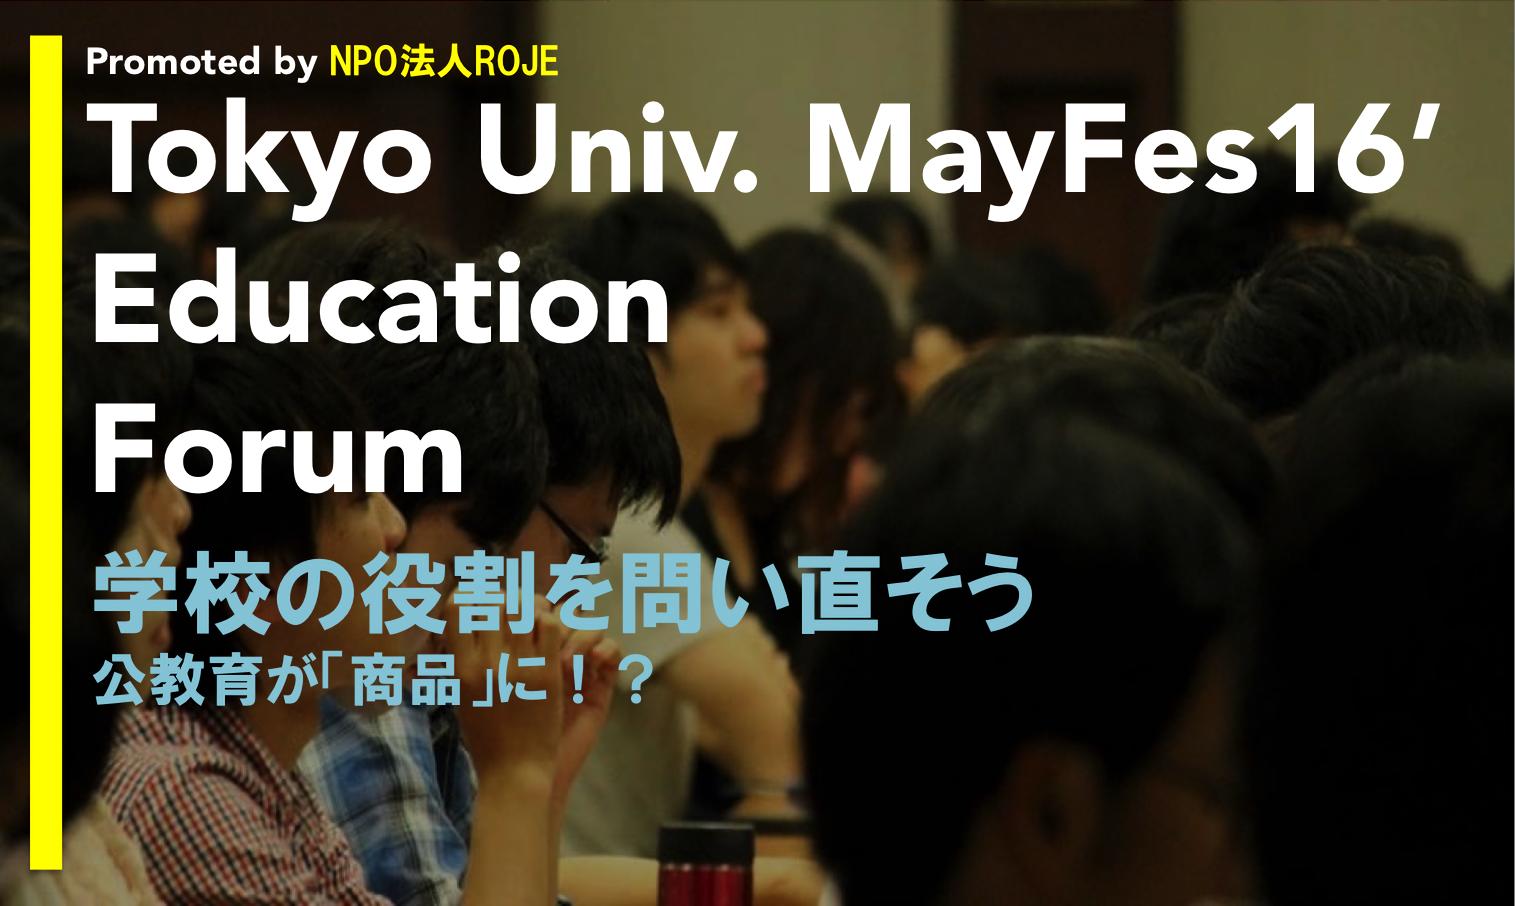 五月祭WEBバナー2_waifu2x_photo_noise2